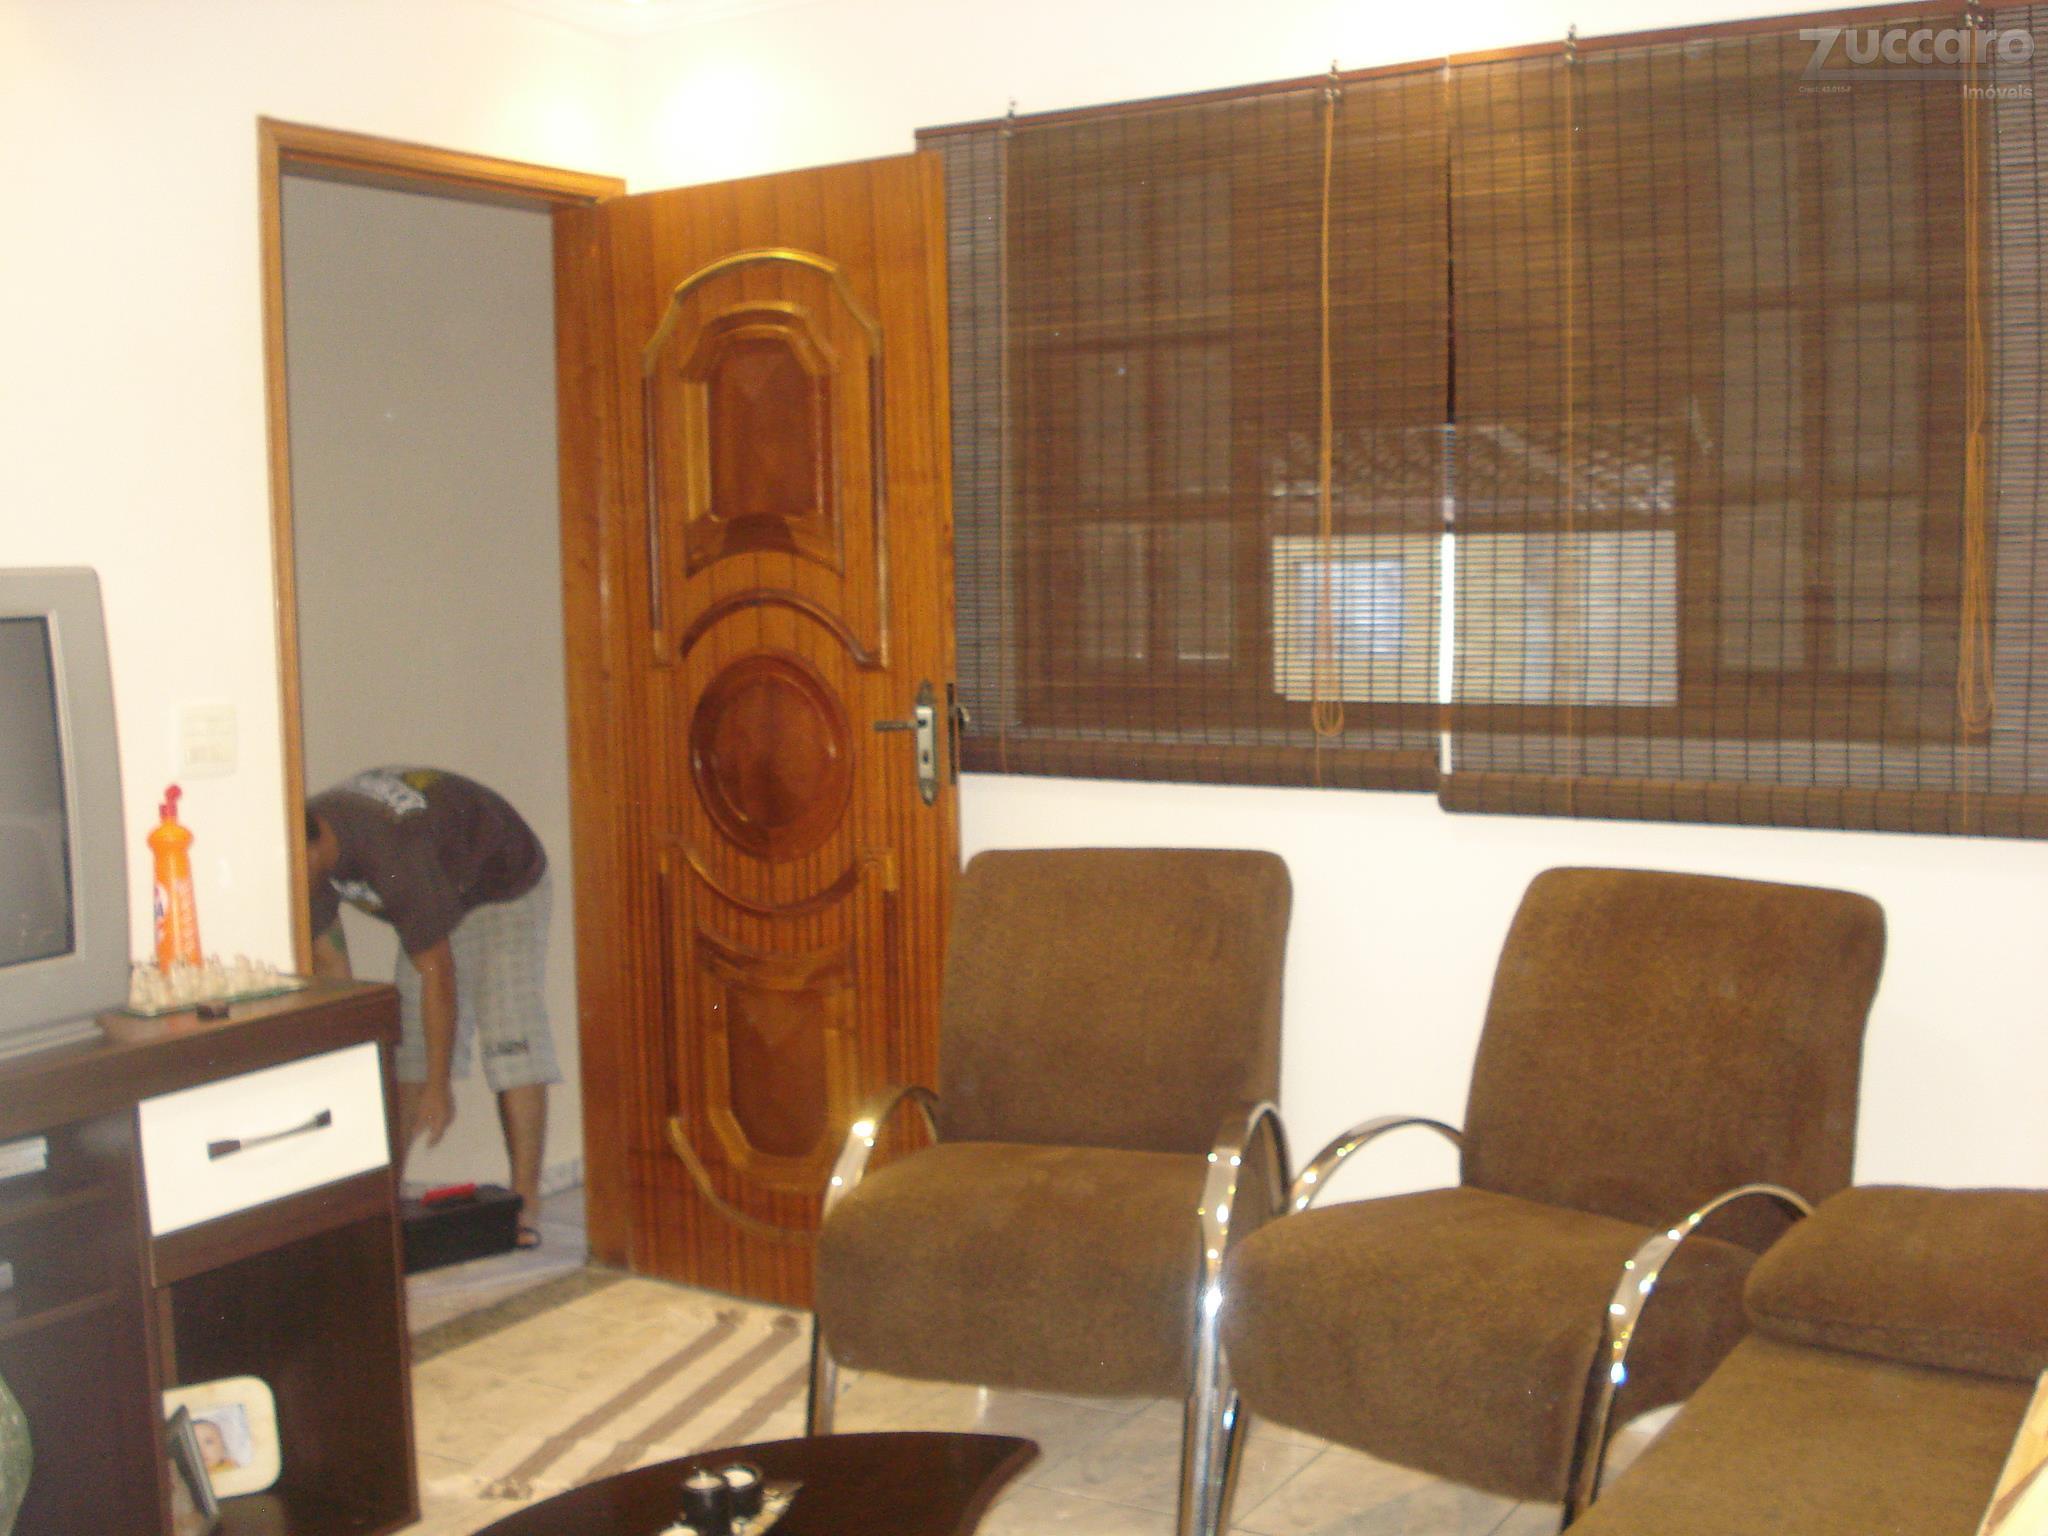 Casa Residencial à venda, Jardim Guilhermino, Guarulhos - CA0258.